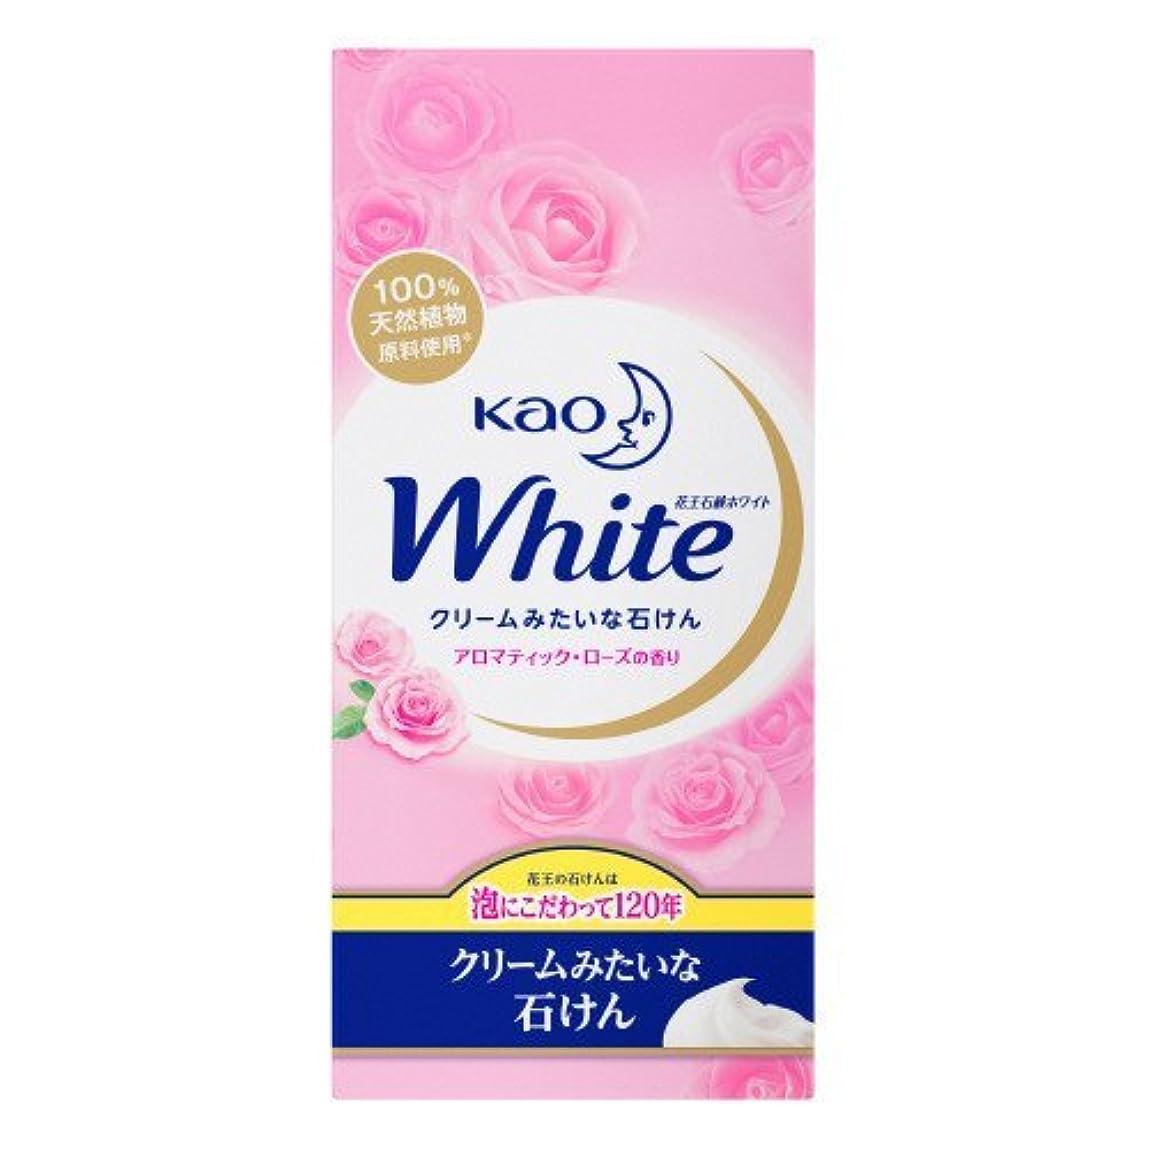 感謝する直感ことわざ【花王】花王ホワイト アロマティックローズの香りレギュラーサイズ (85g×6個) ×20個セット